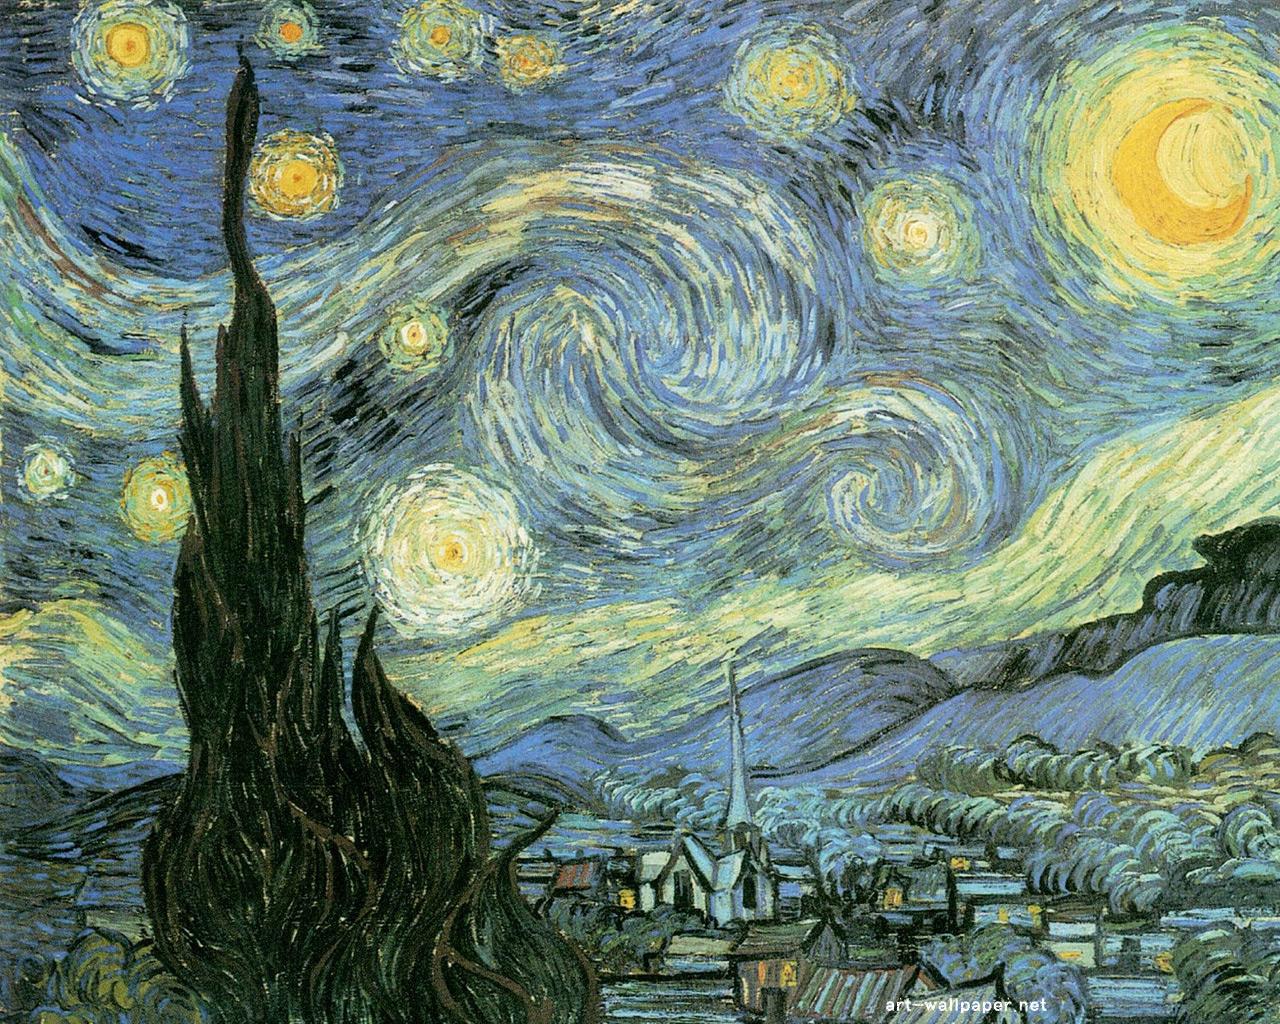 Vincent van Gogh Wallpaper Painting Wallpaper 1280x1024